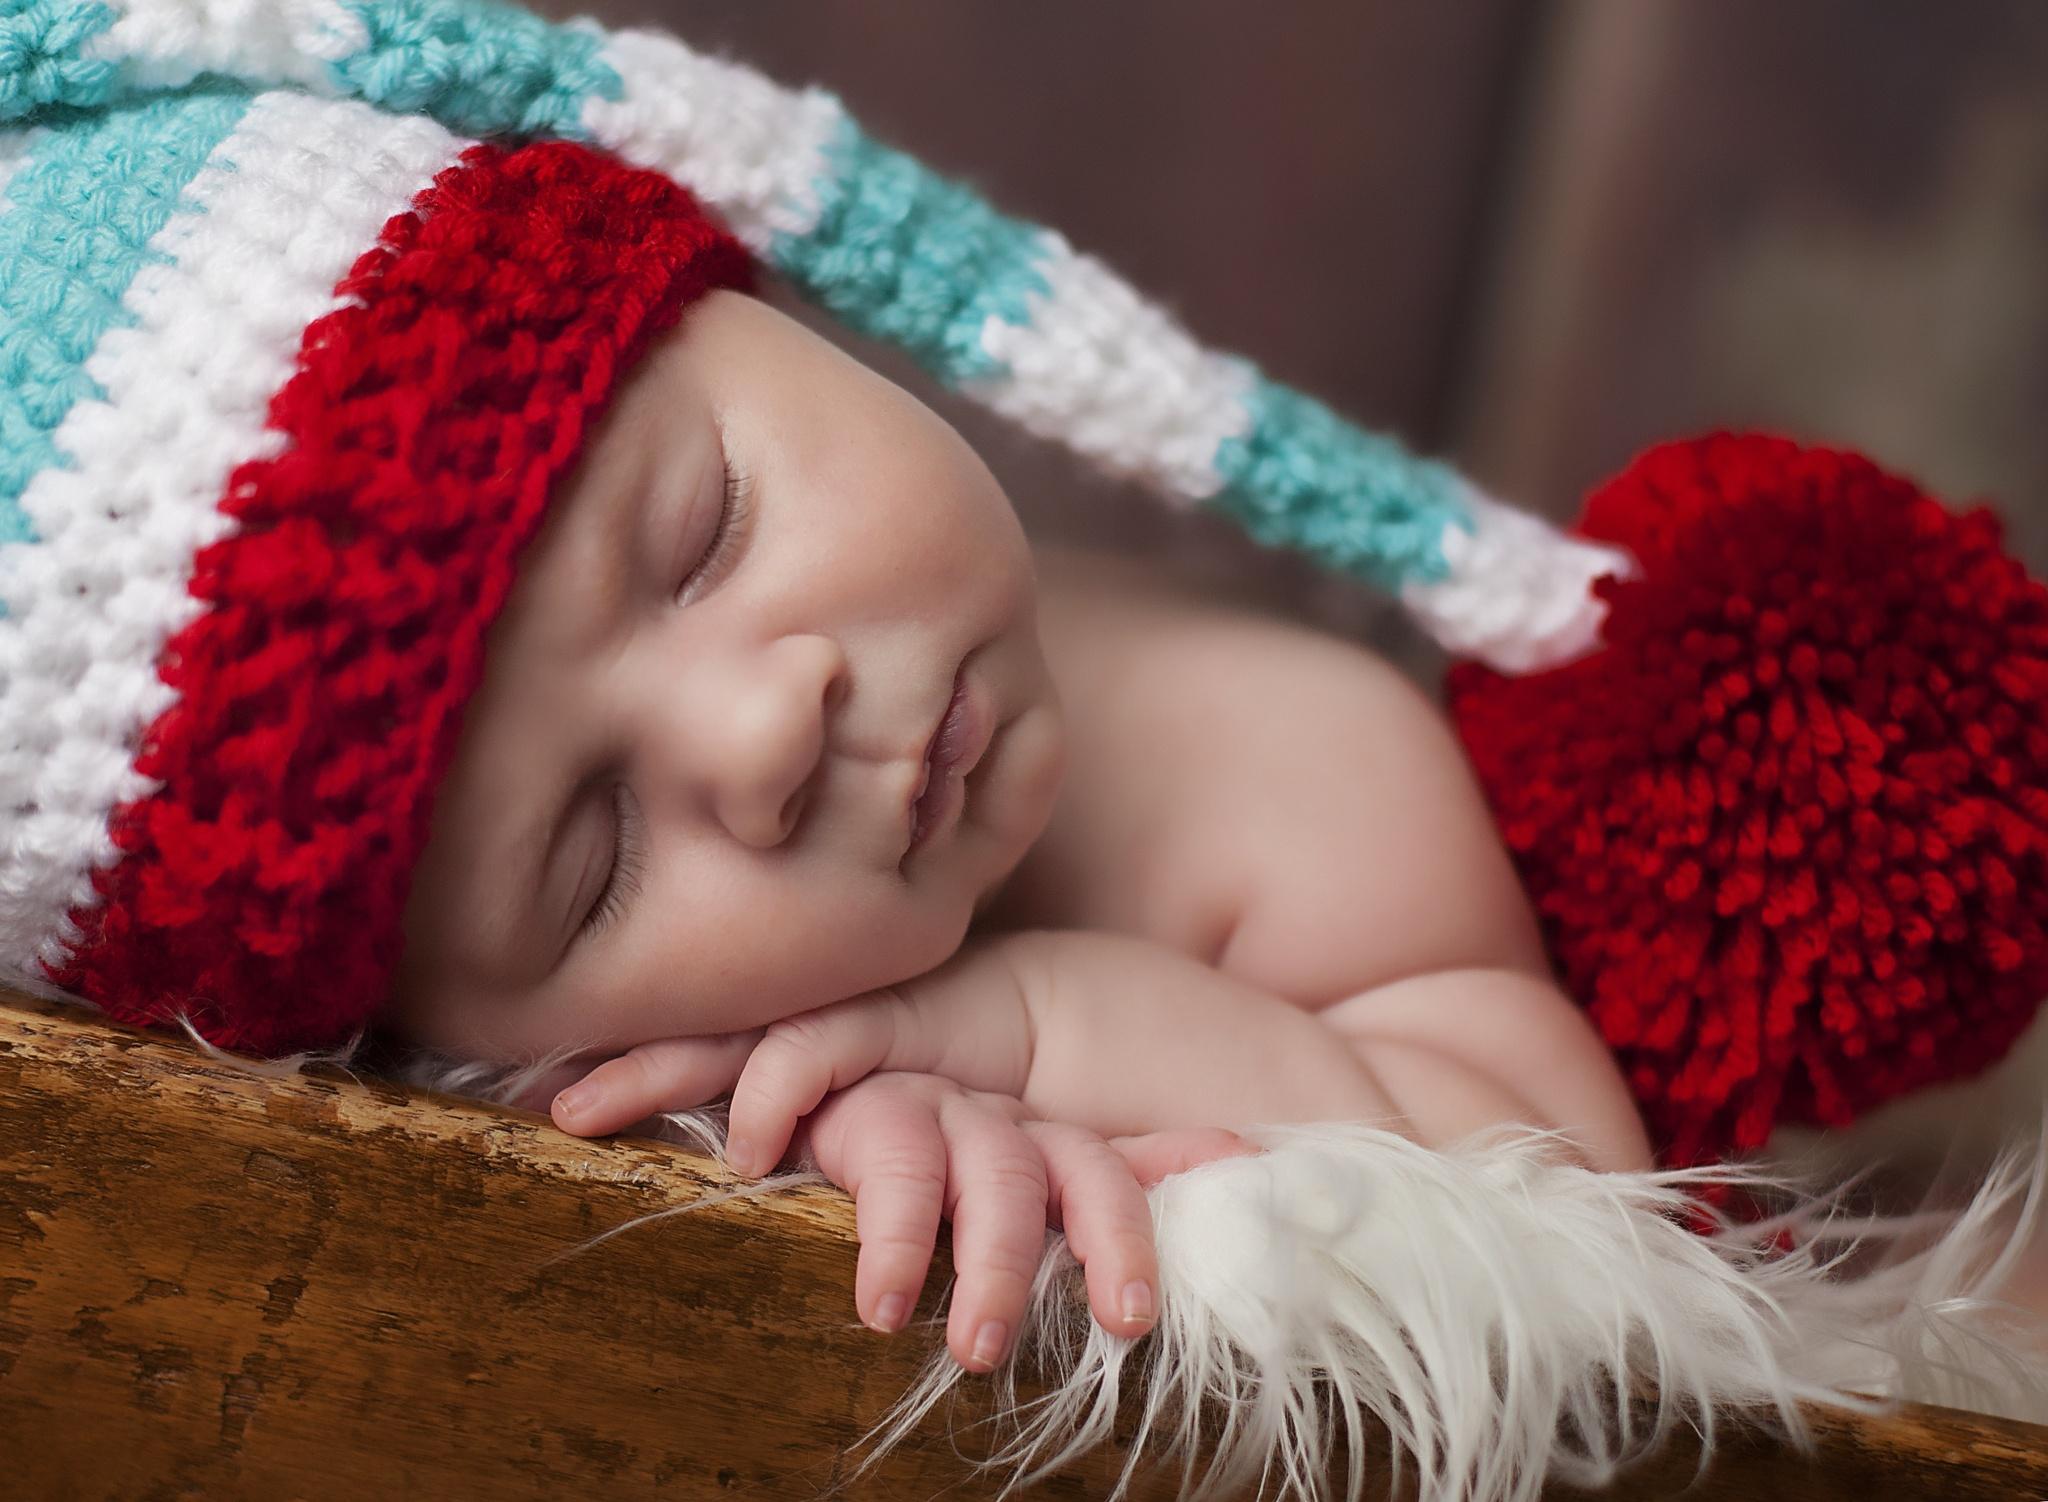 Newborn by Alana Smith